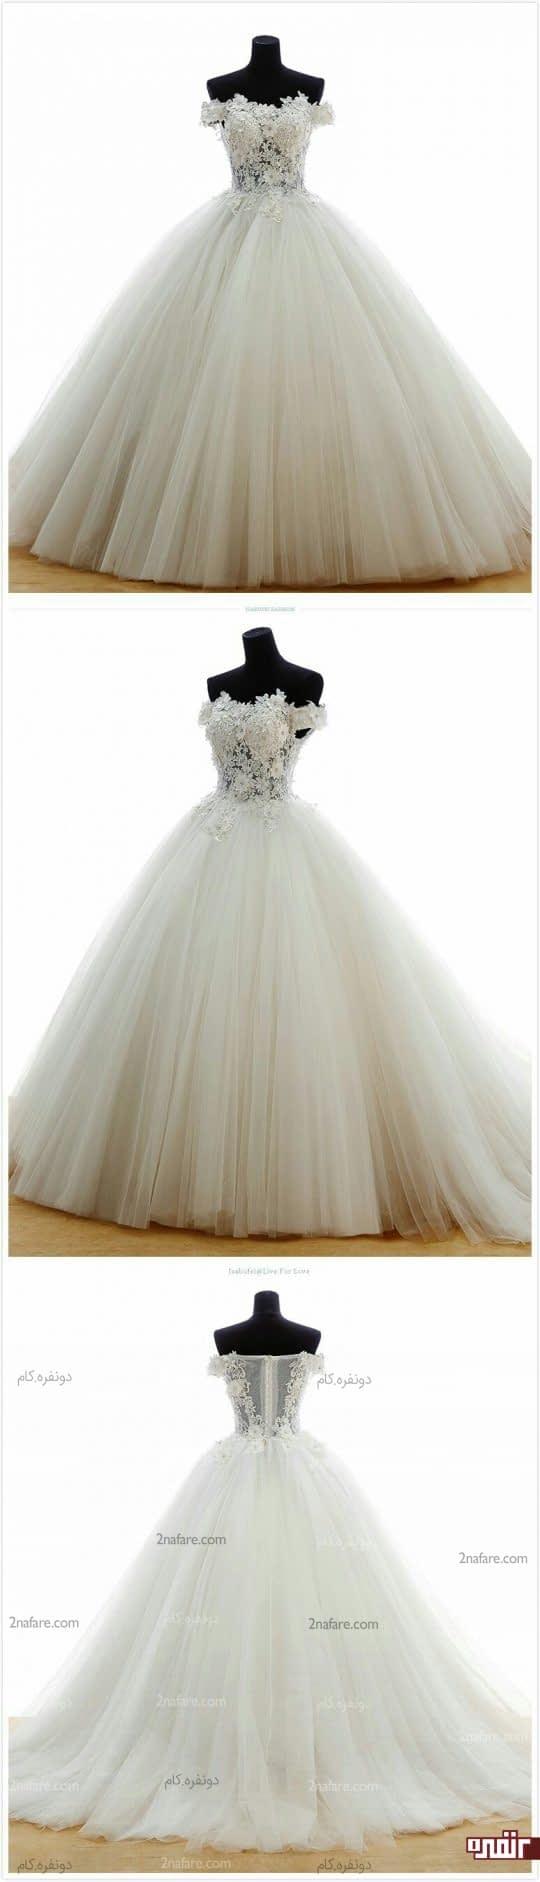 لباس عروس دامن توری